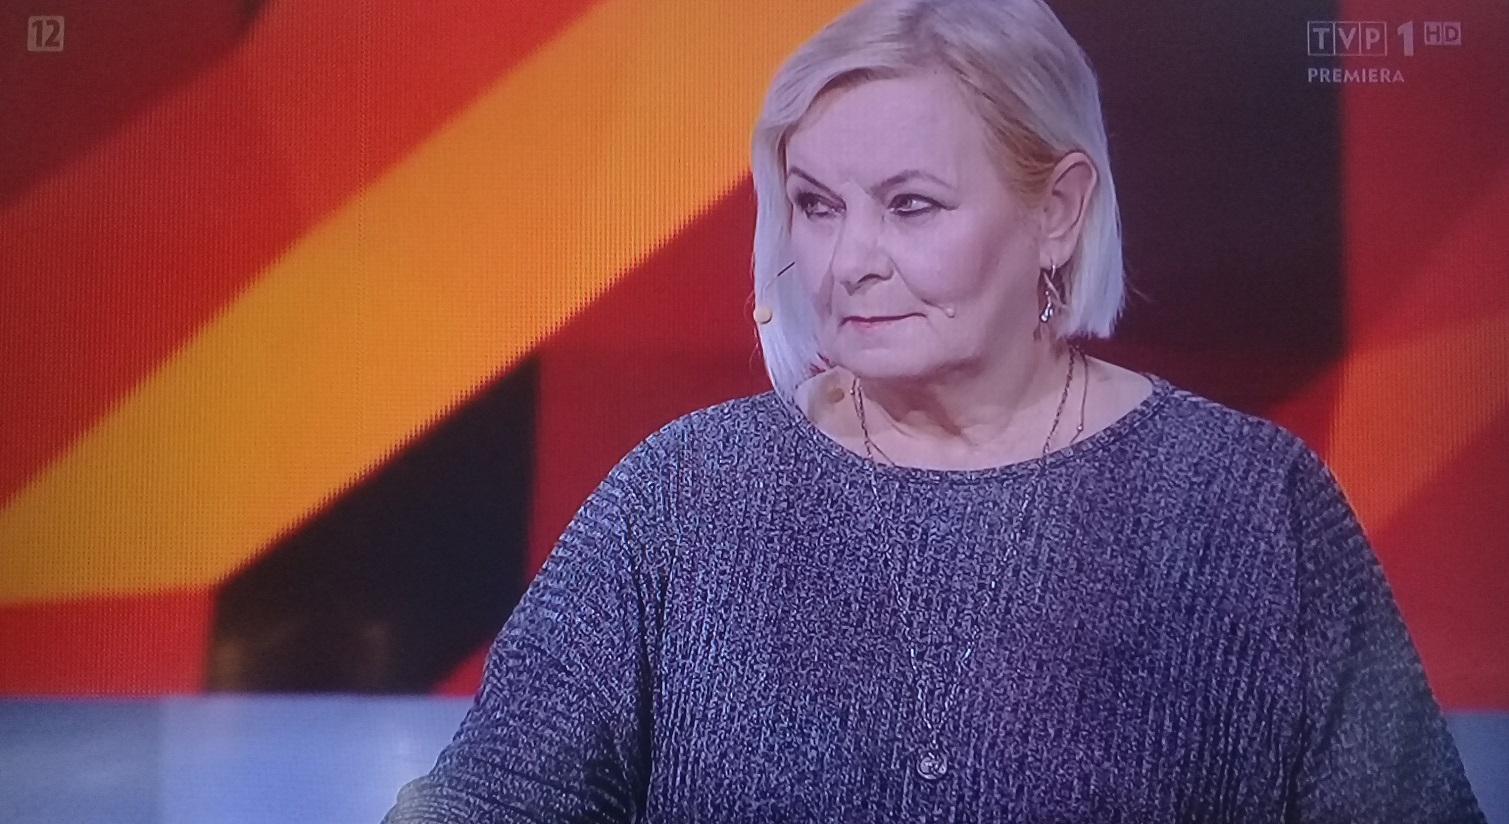 Mielczanka w popularnym teleturnieju TVP! - Zdjęcie główne